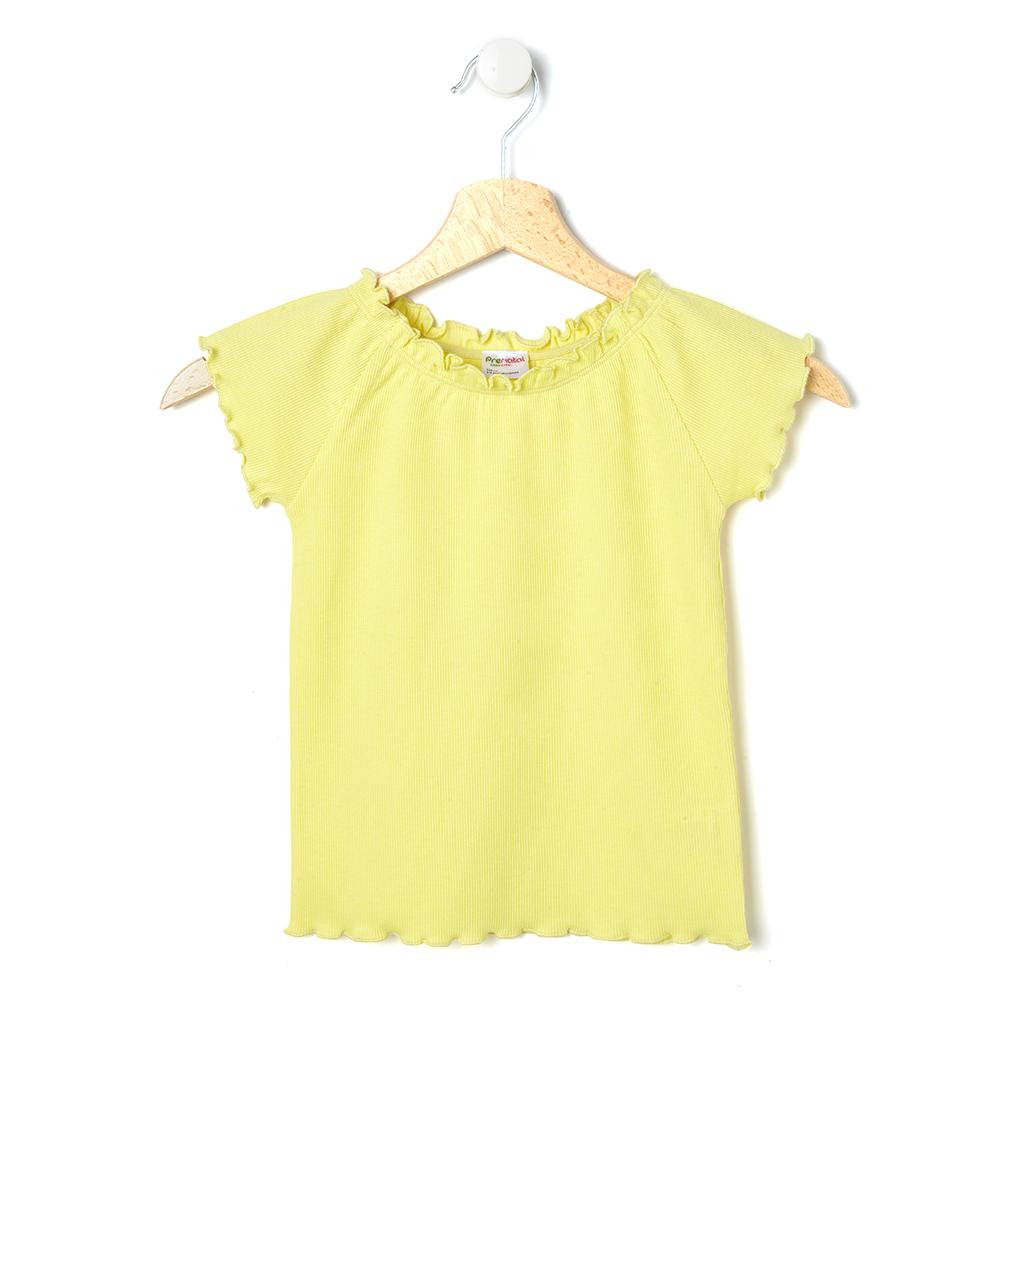 af2895f333 T-shirt gialla a maniche corte